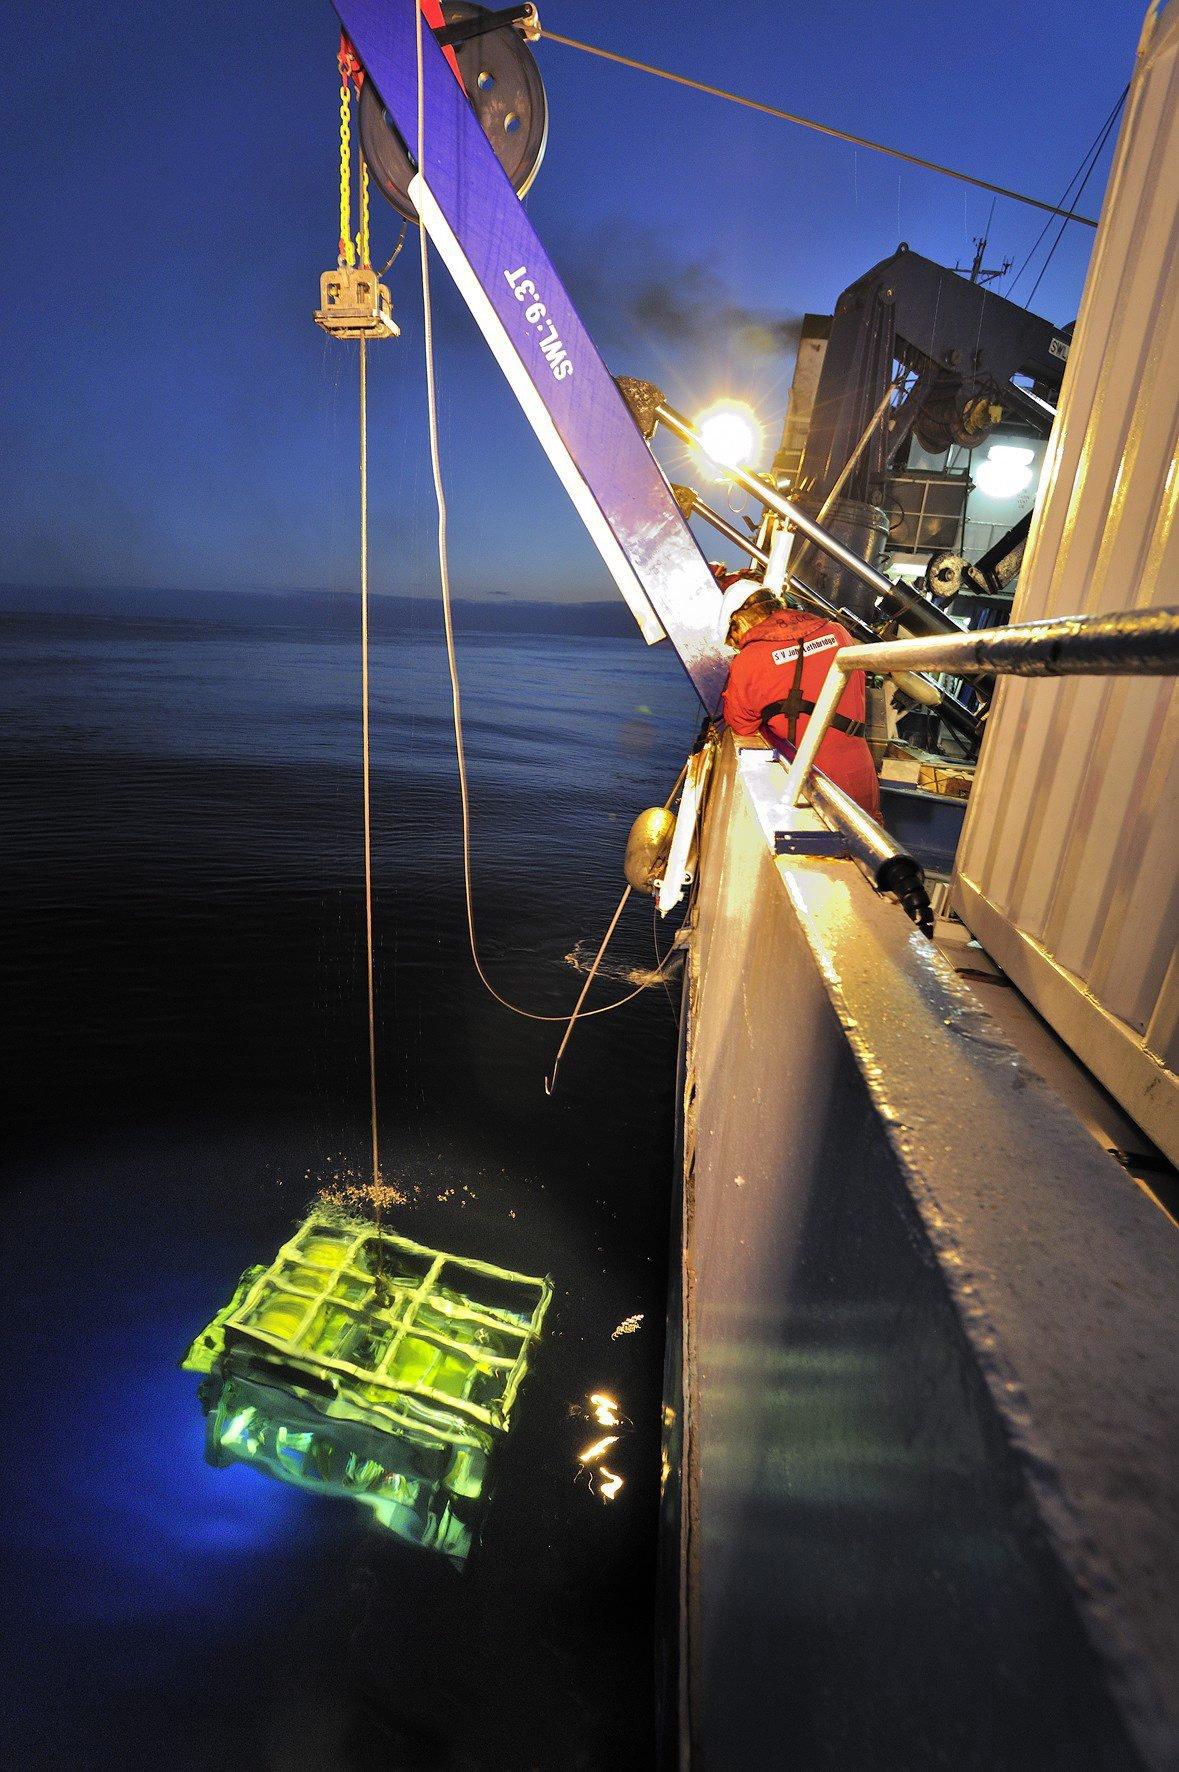 Mit einem Unterseeroboter, der über ein 10 km langes Kabel mit dem Mutterschiff verbunden ist, können die Ingenieure an Bord der